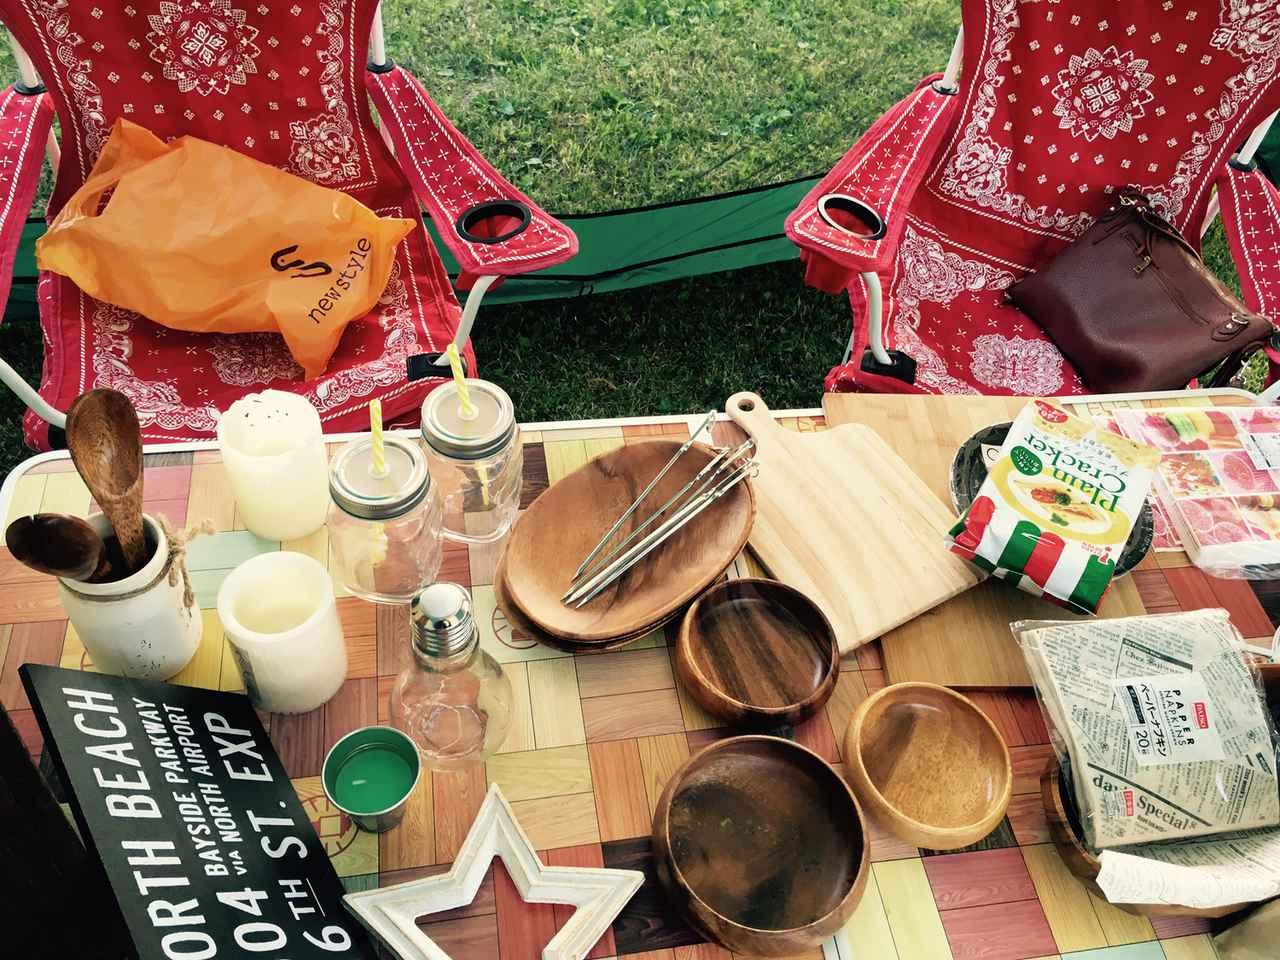 画像: 女性のキャンプに必須な持ち物リスト! 虫除け・日焼け止め・ウエットティッシュ・ひざ掛けなど冷え対策グッズは忘れずに!